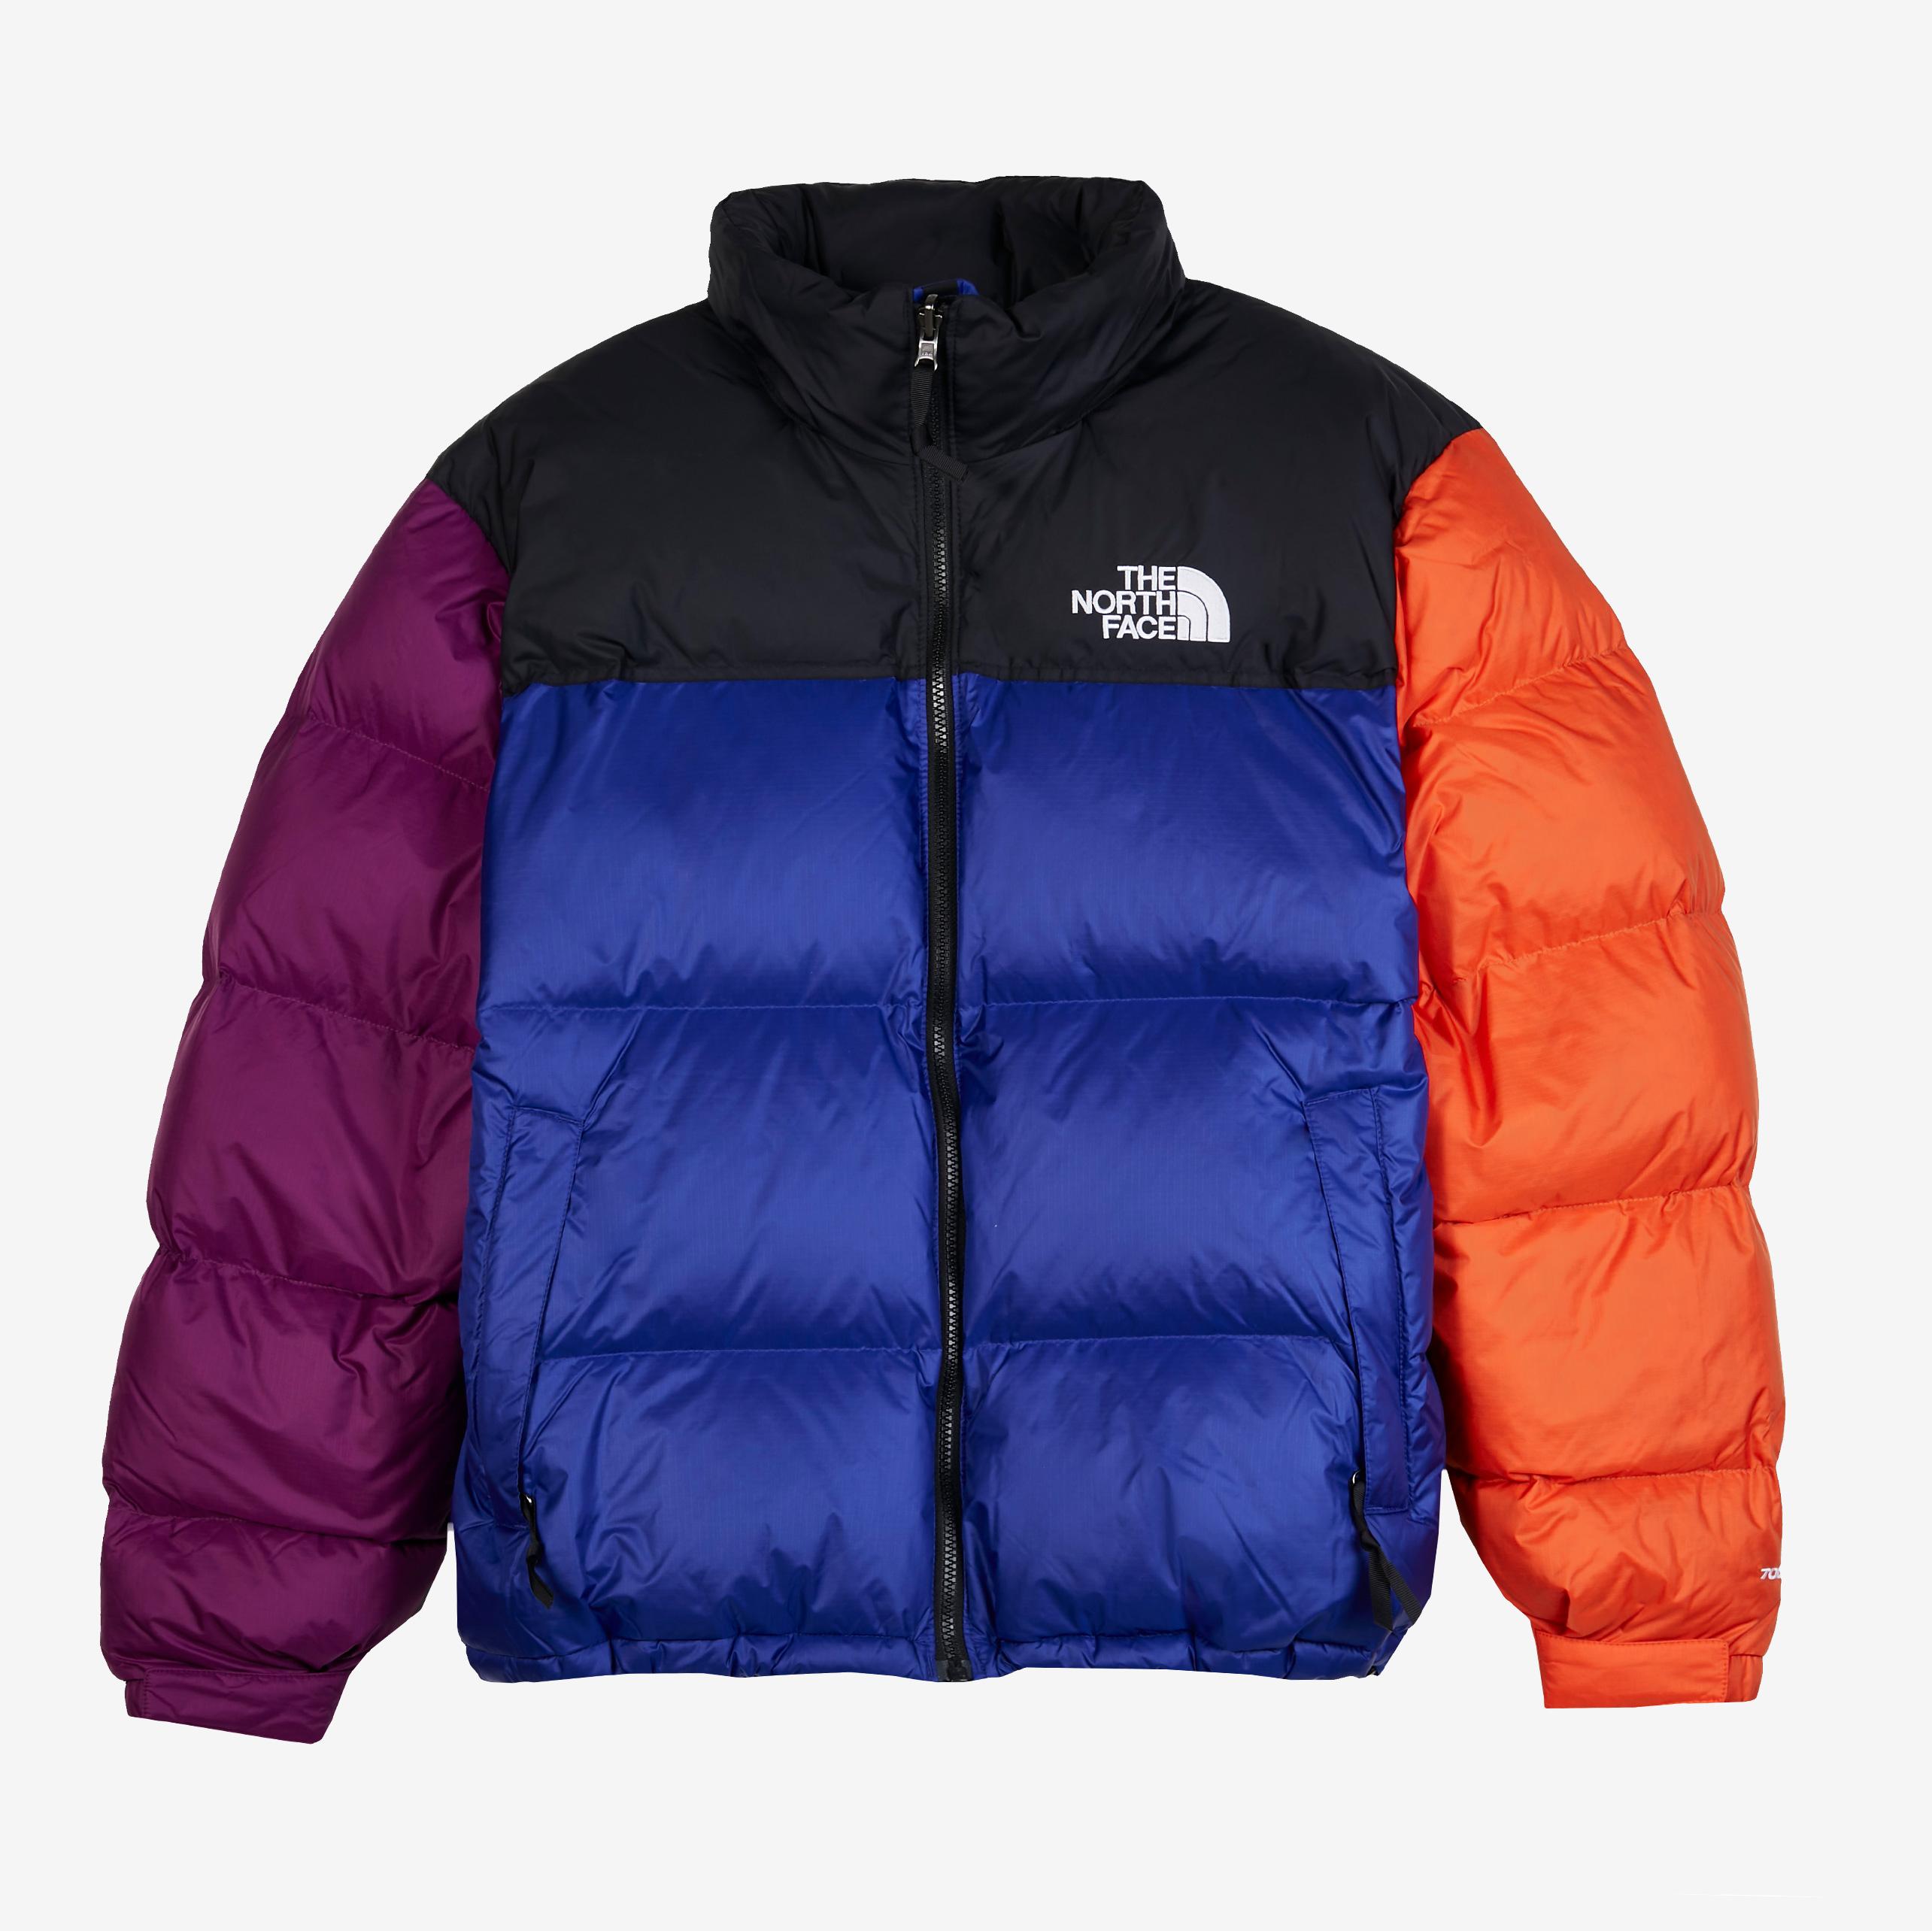 90dd8f1741 The North Face 1996 Retro Nuptse Jacket - T93c8d9qx ...